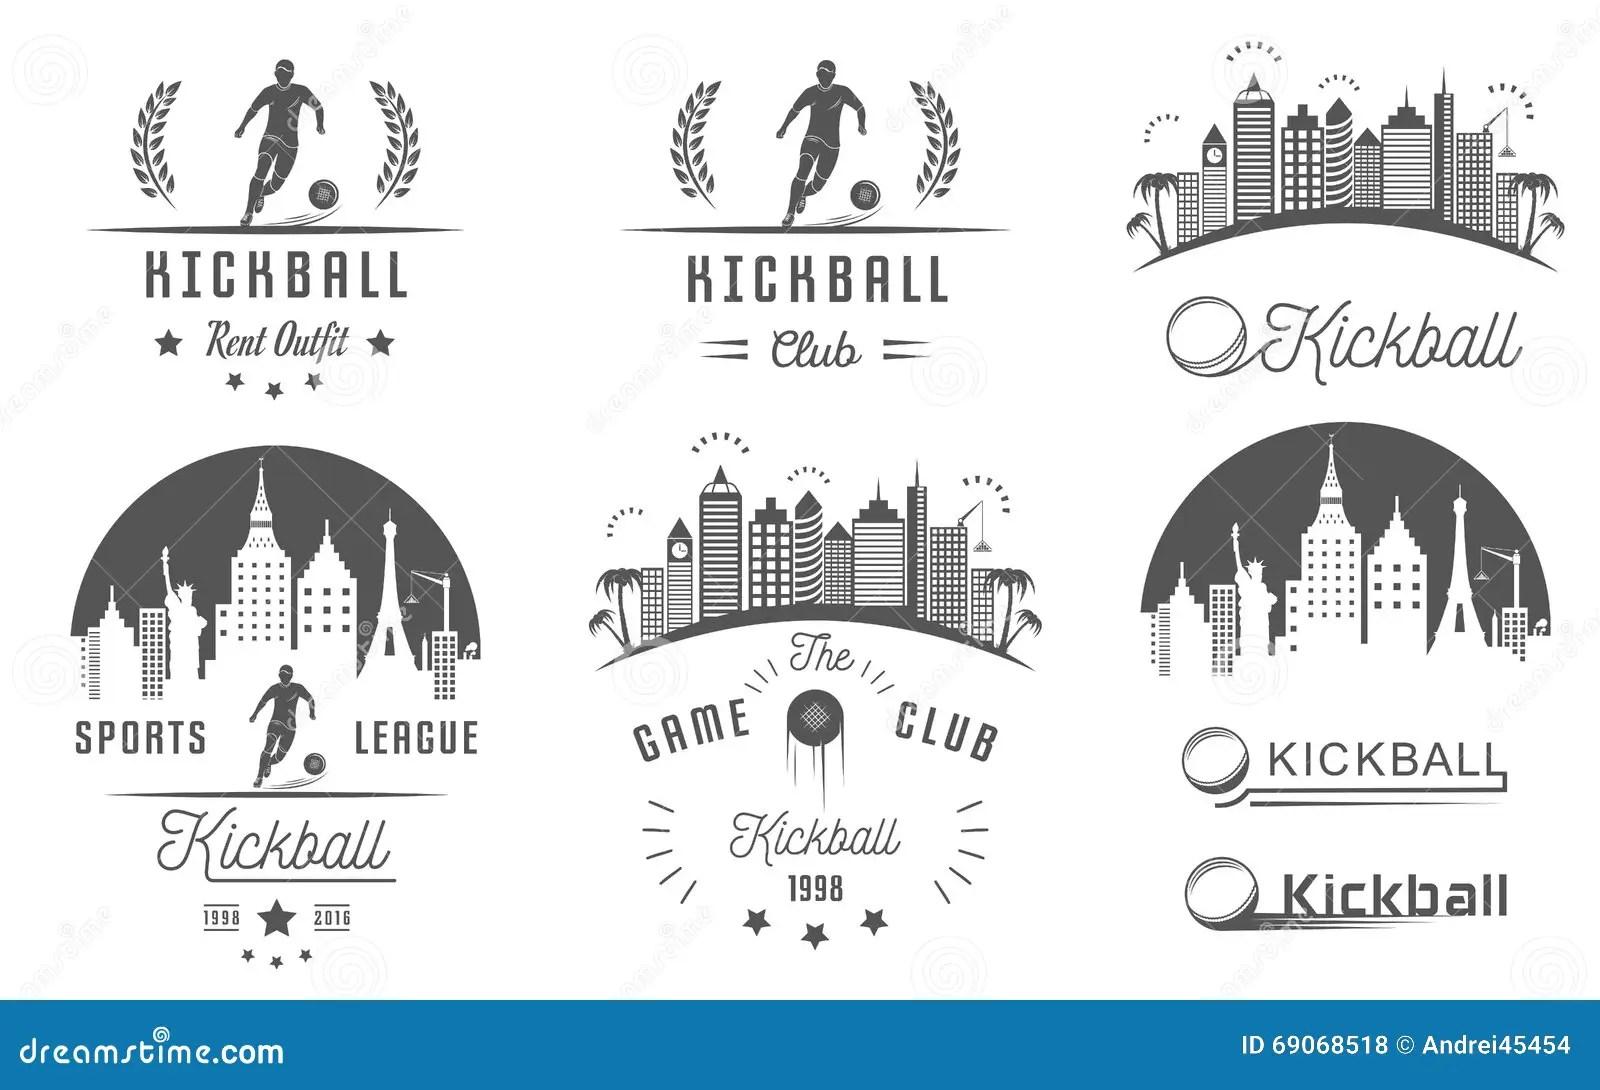 Kickball Cartoons Illustrations Amp Vector Stock Images